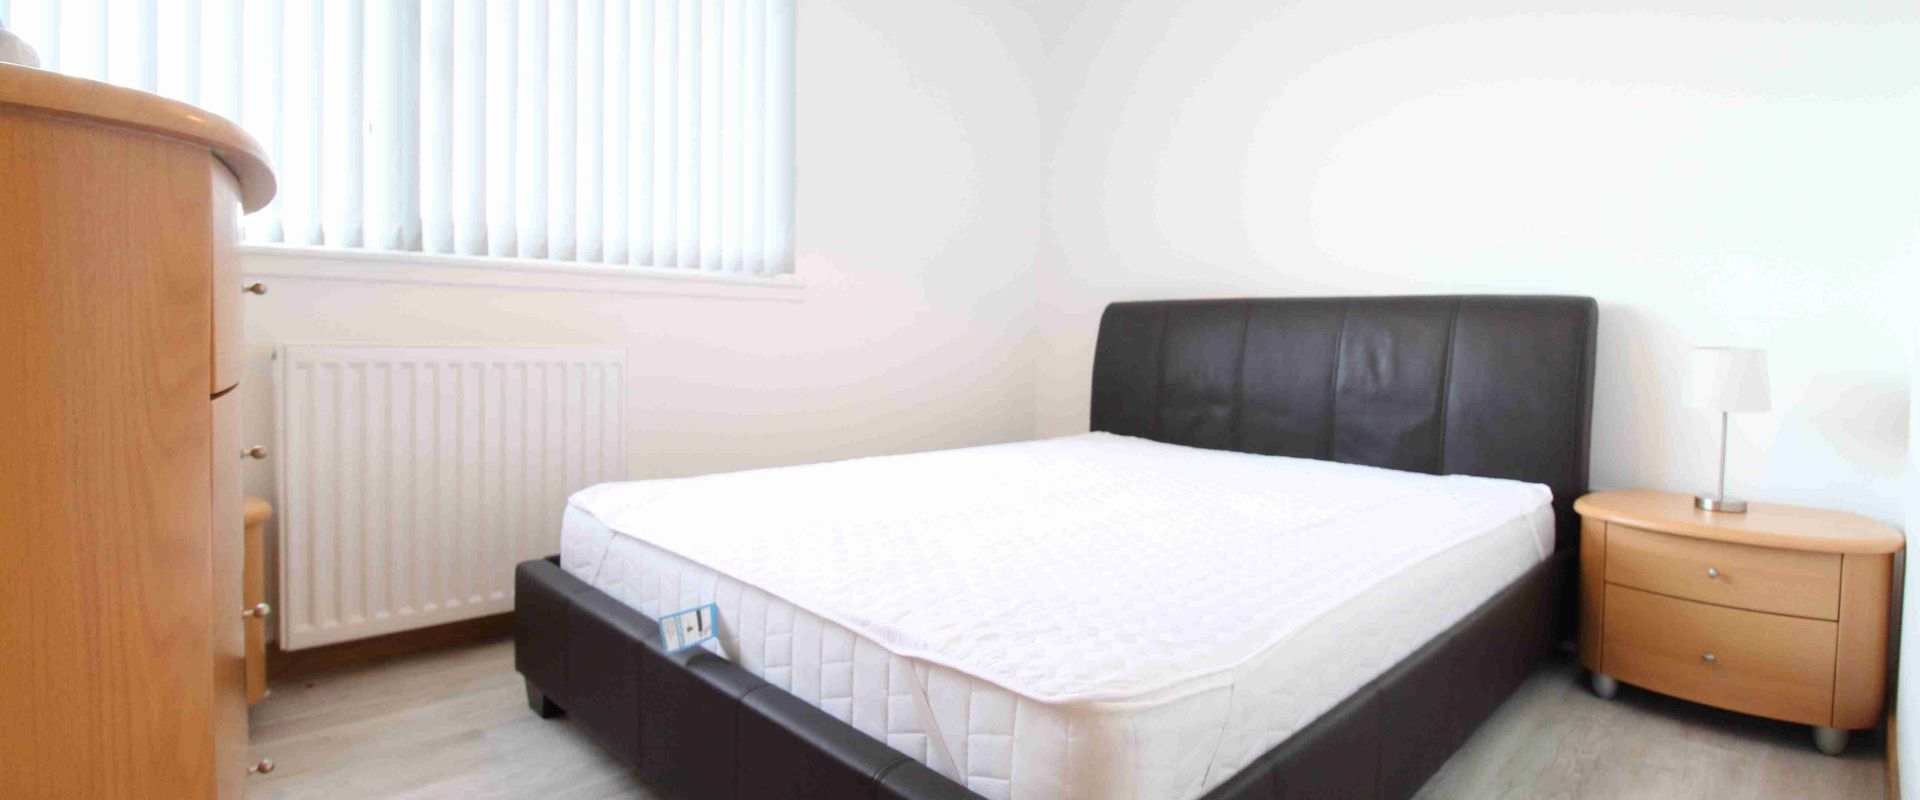 ARD-Properties-Development-Sites-Buy-Homes-Rent-Aberdeenshire-Rentals-Apartment-B-Loanhead-Terrace-Aberdeen-Banner (2)